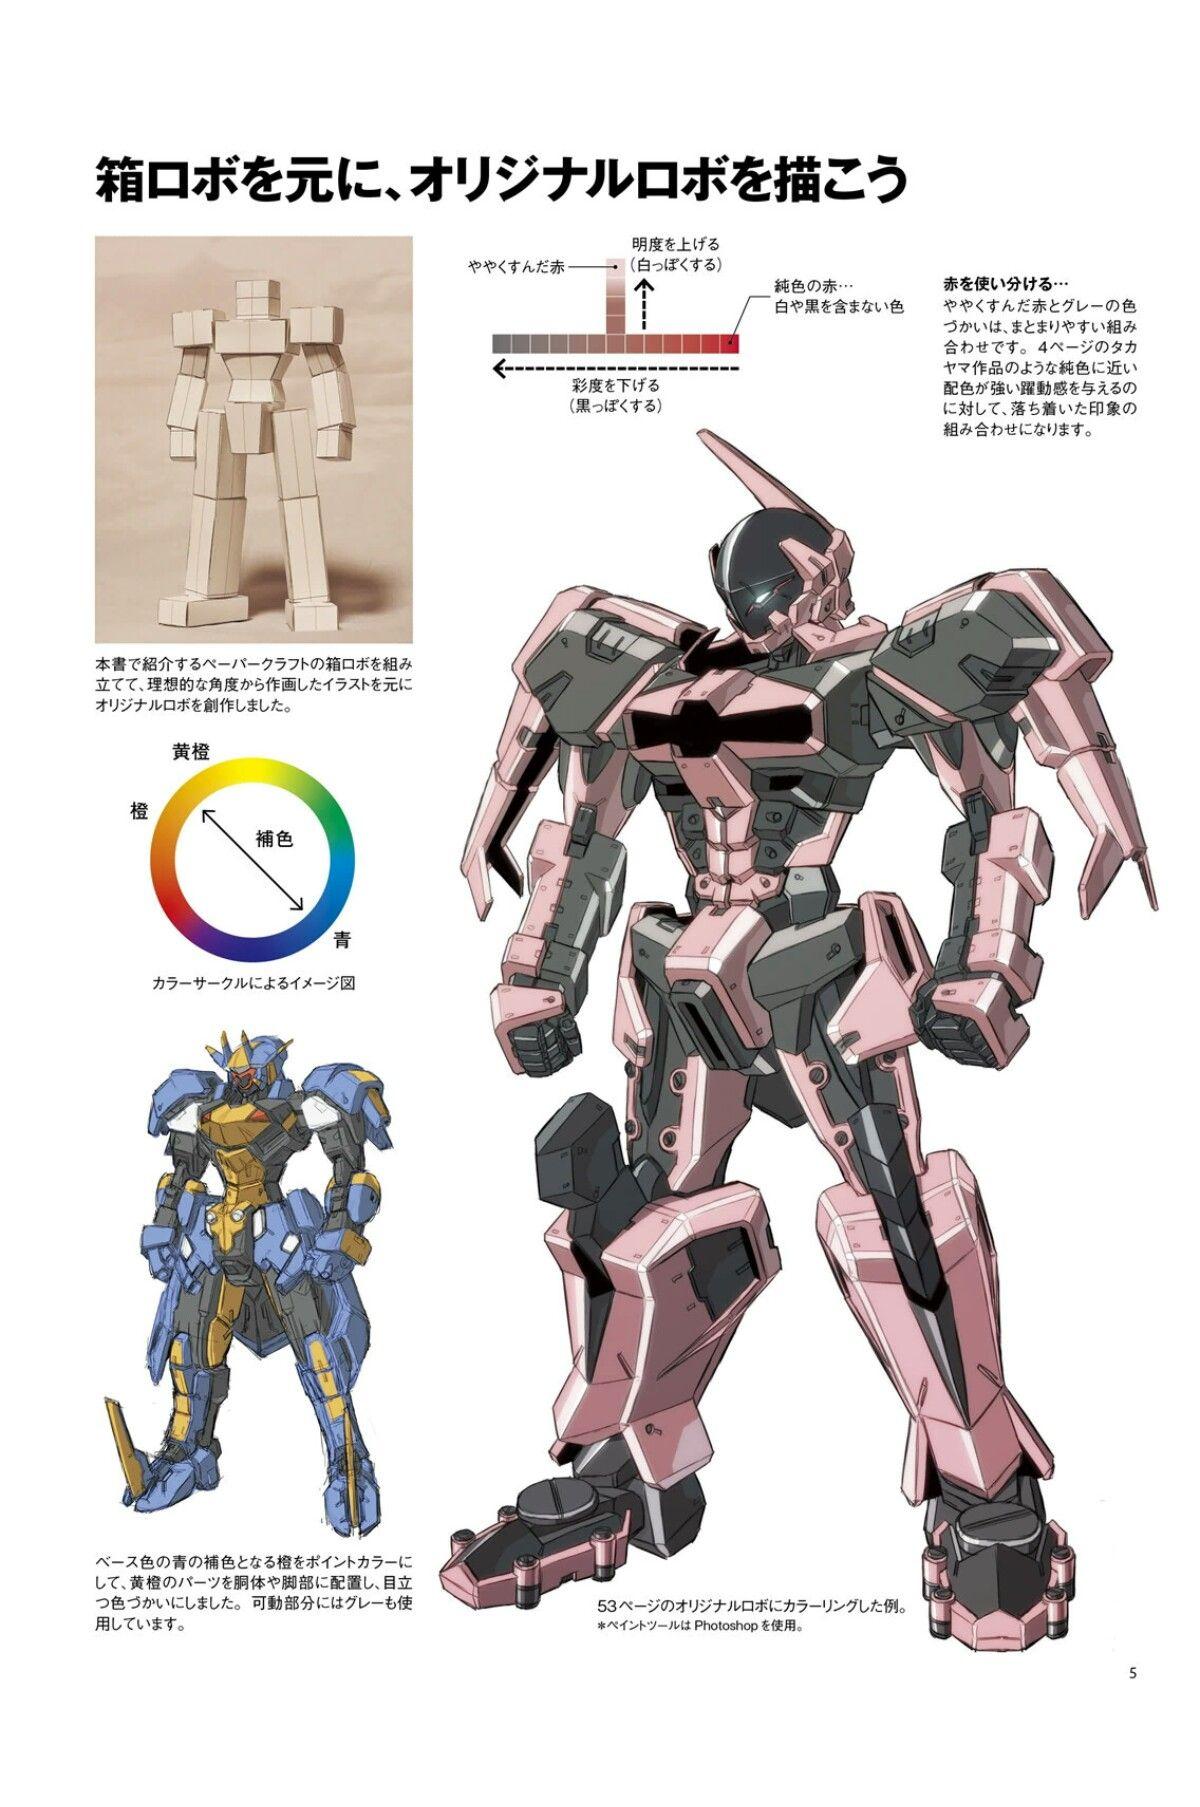 ロボットを描く基本 箱ロボからオリジナルロボまで Page 5 Gundam